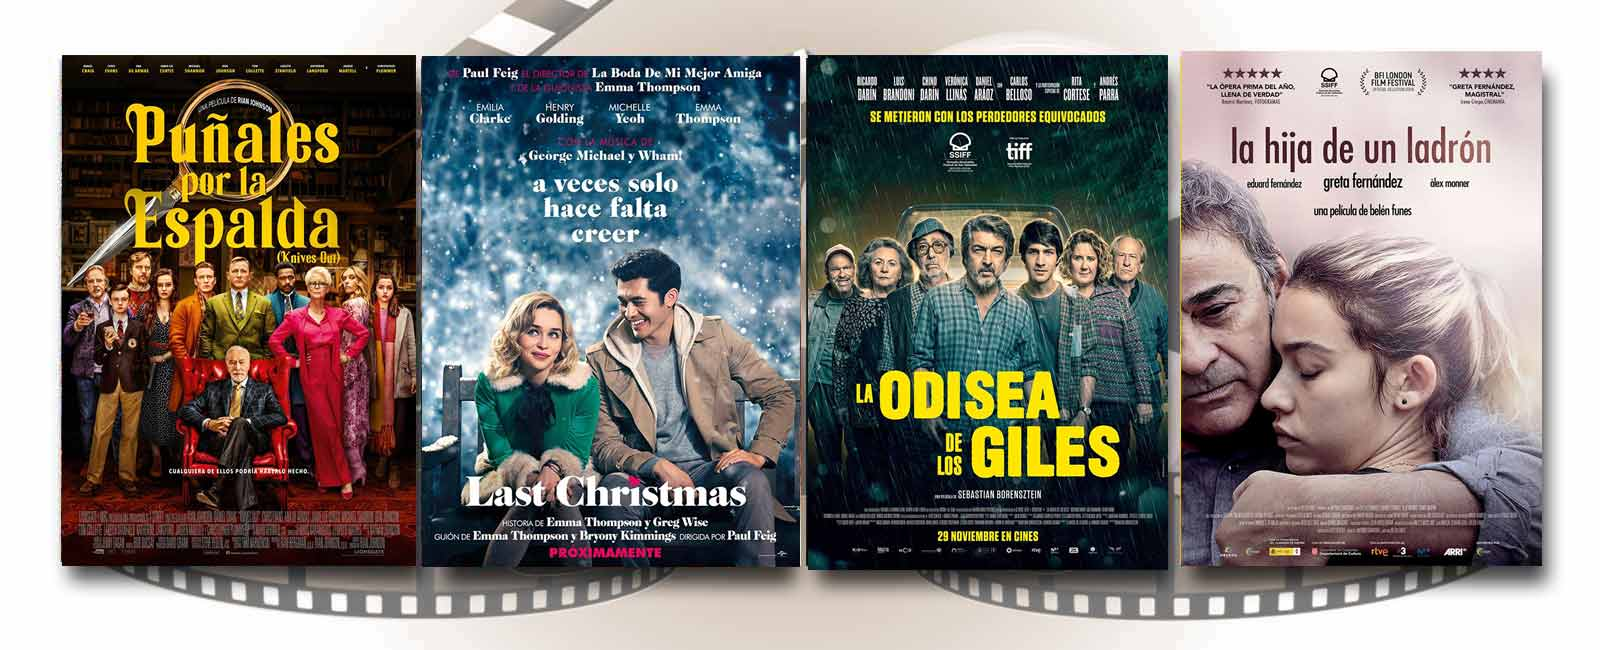 Estrenos de Cine de la Semana… 29 de Noviembre 2019